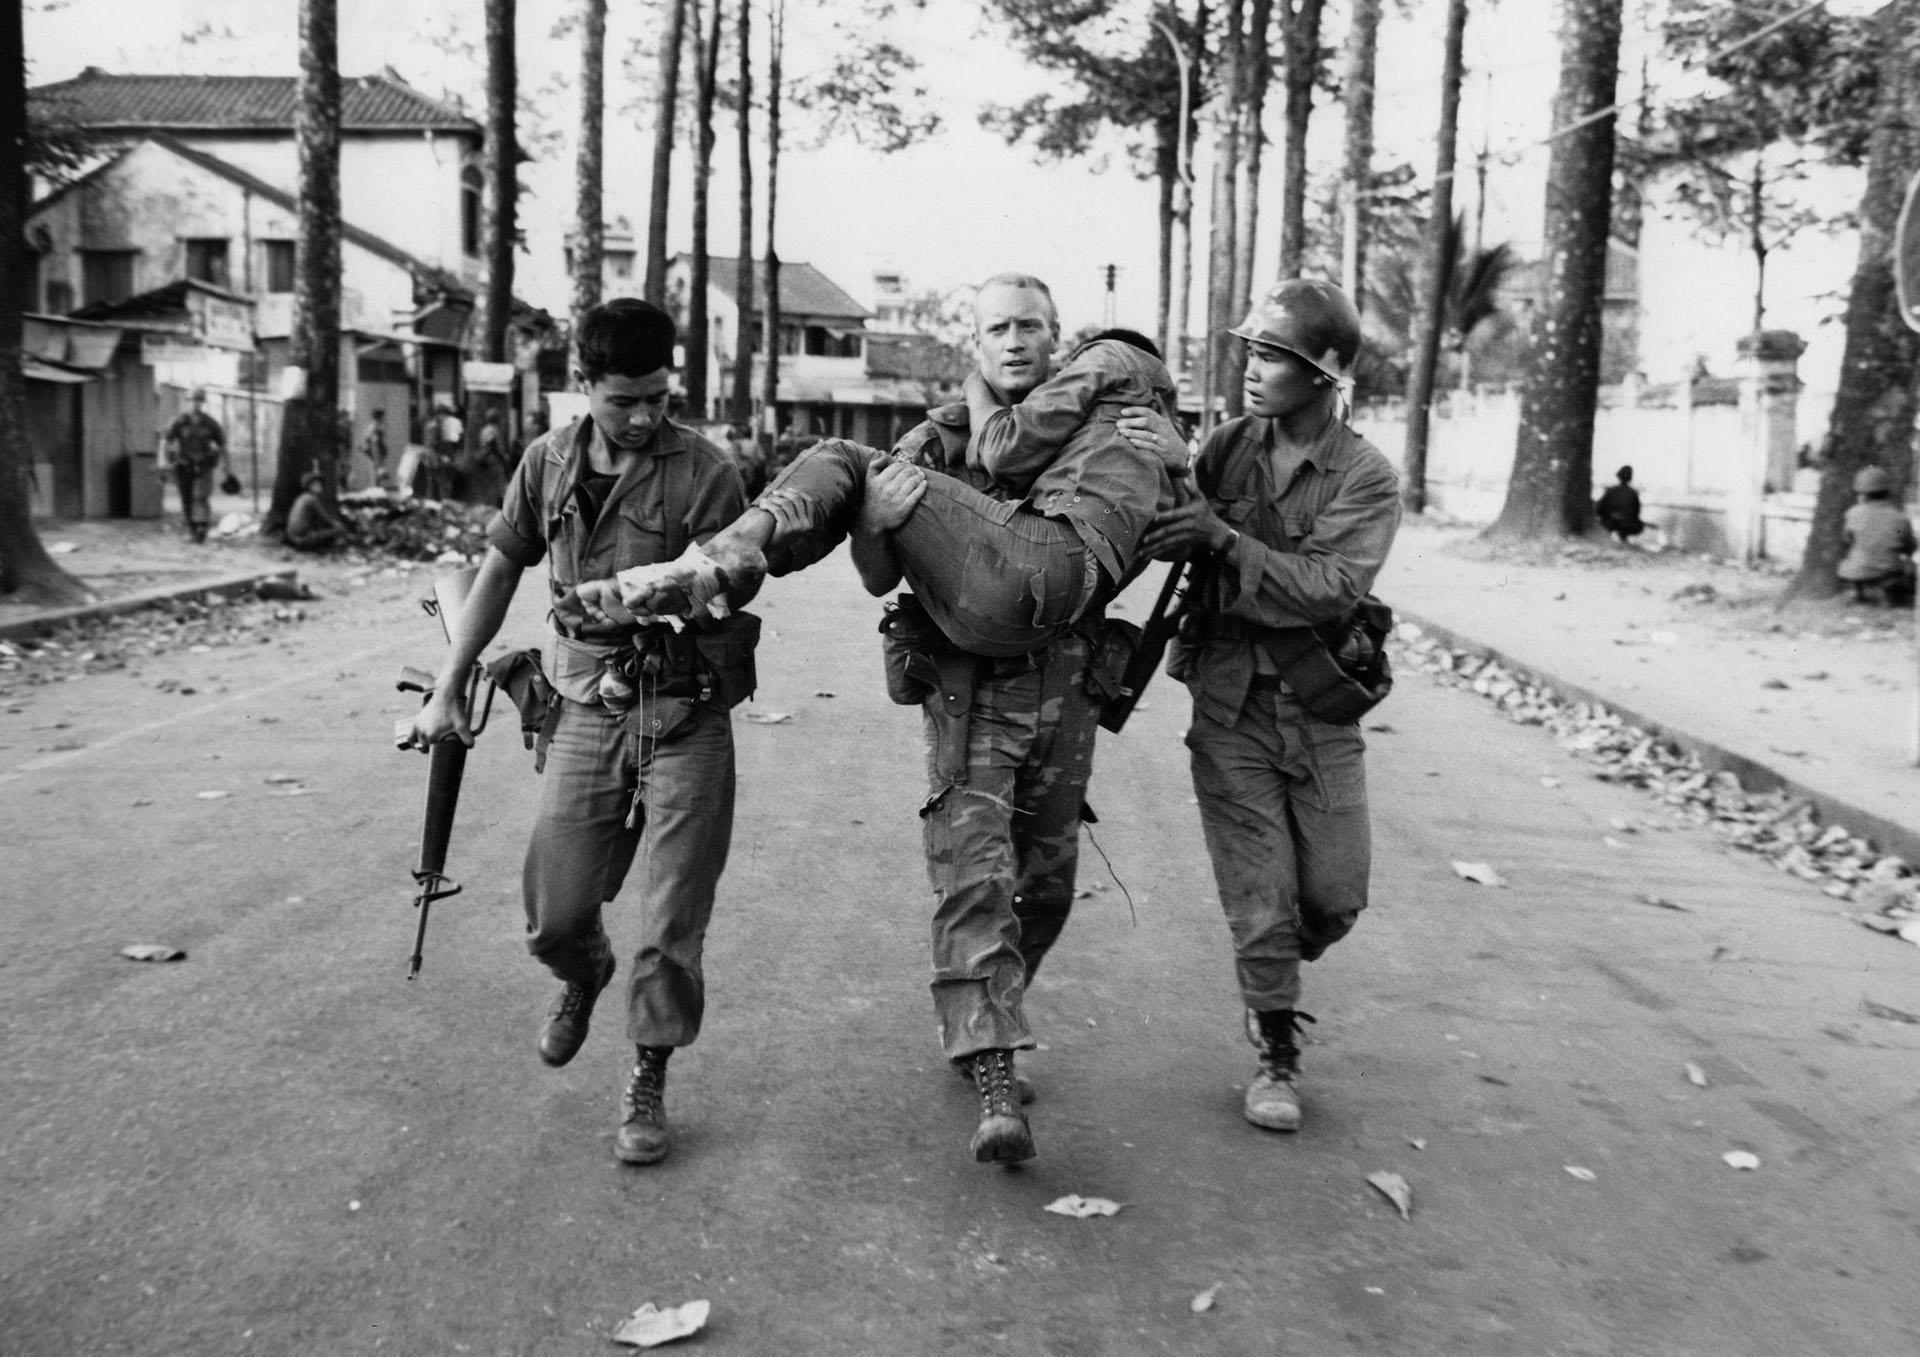 El teniente estadounidense Gary D. Jackson carga a un soldado herido de Vietnam del Sur. La Ofensiva se realizó en medio de los festejos por el Año Nuevo Lunar, o Tet (AP/Dang Van Phuoc)